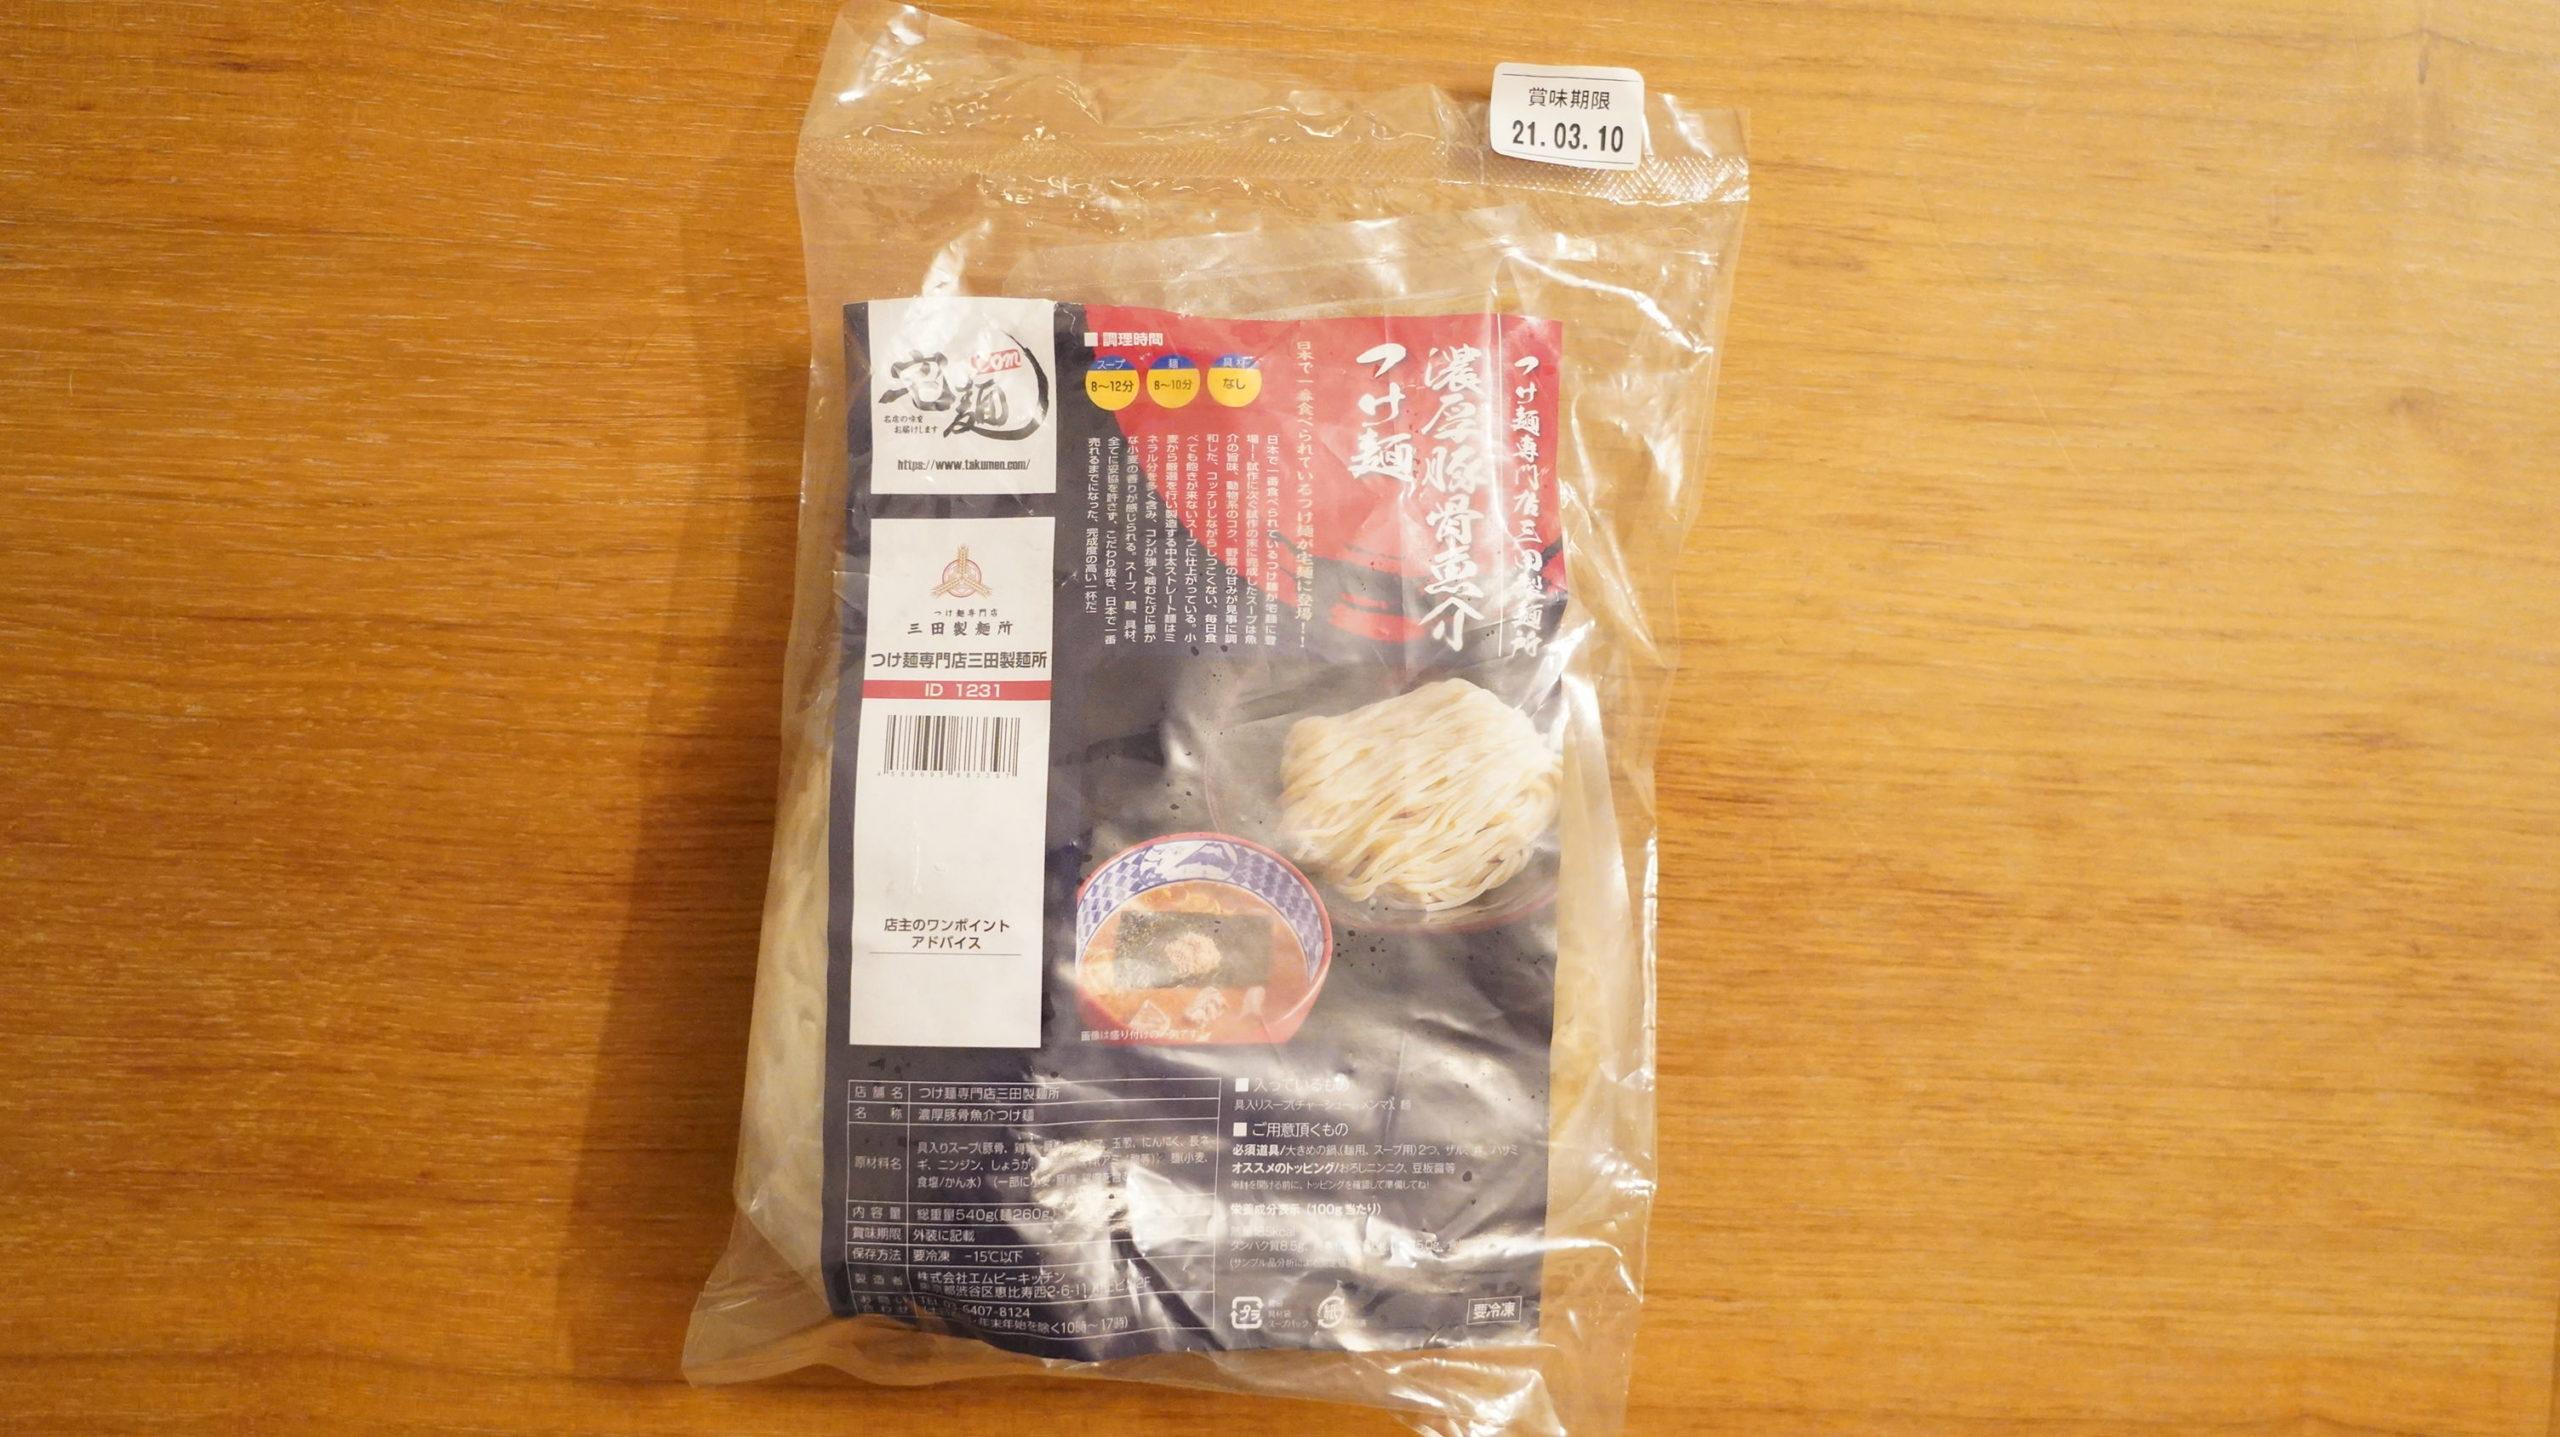 オンライン通販で注文した三田製麺所の「冷凍つけ麺」のパッケージ写真